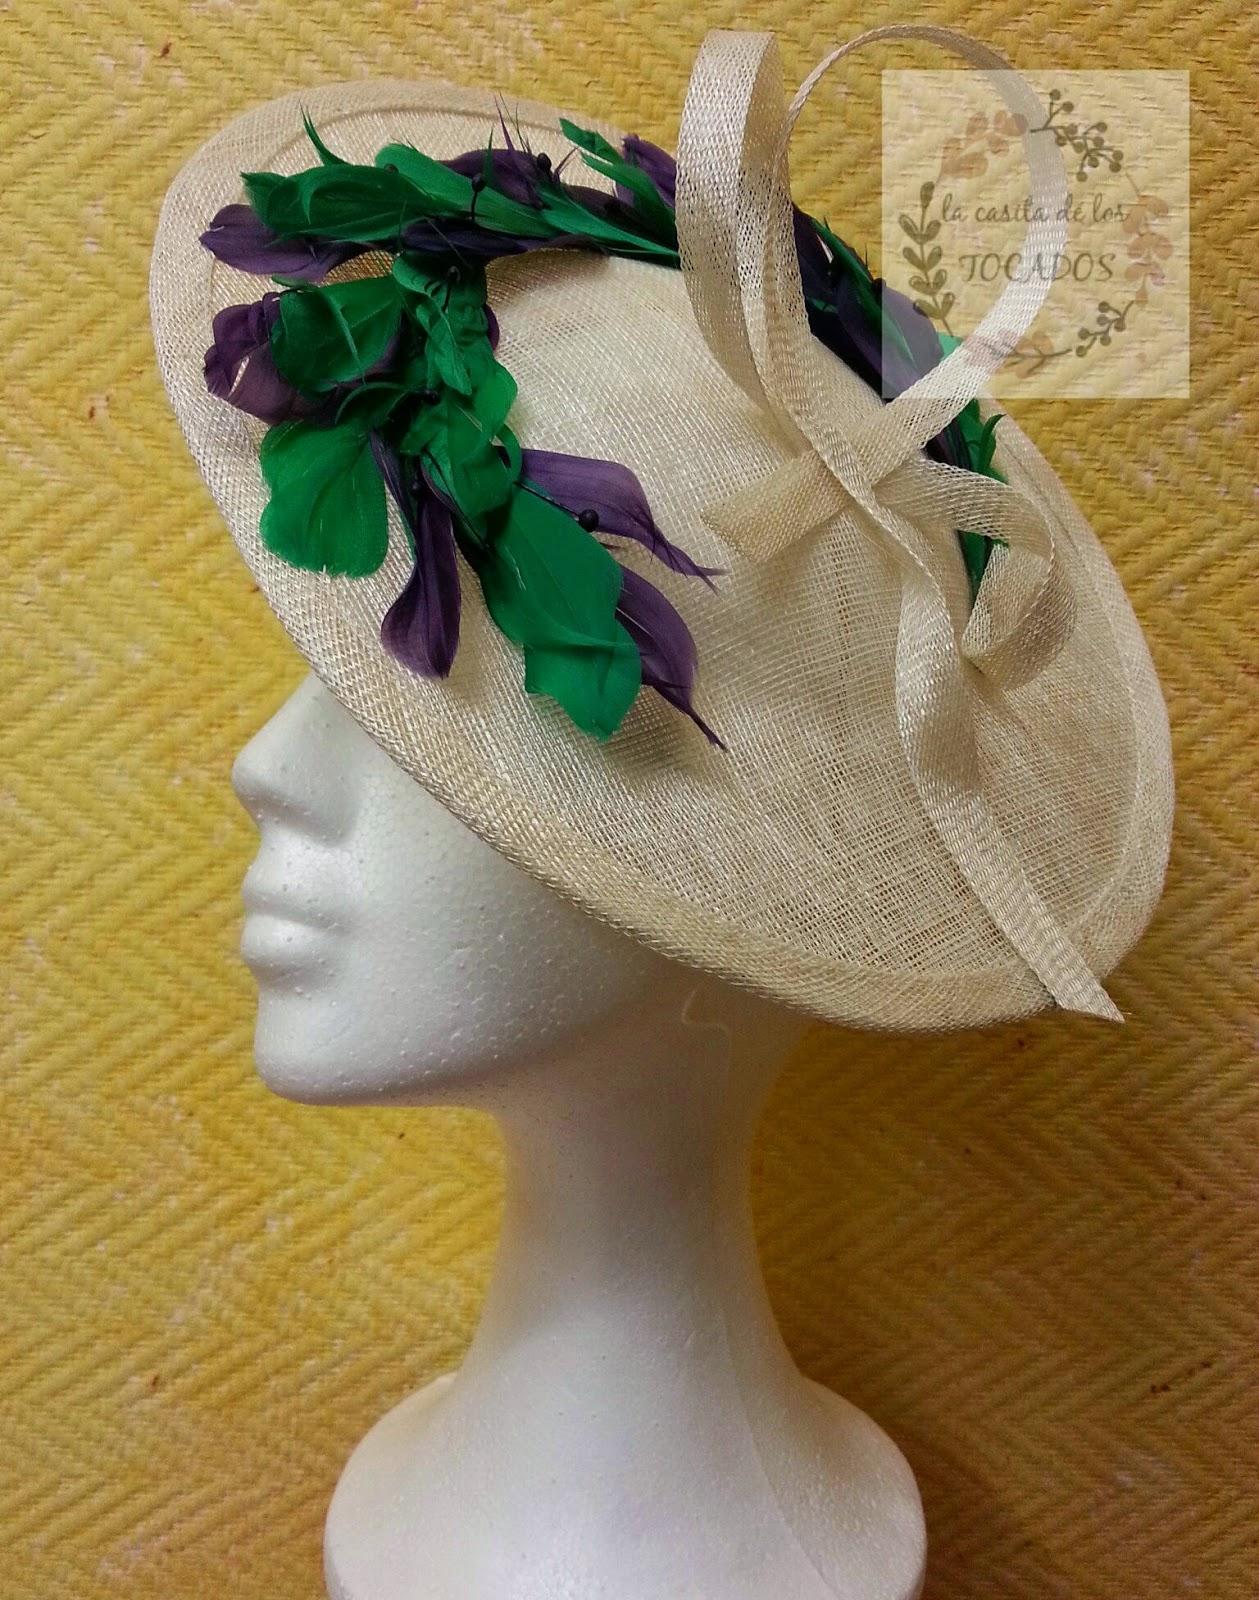 tocado para boda con base en crudo y adorno de plumas combinadas en verde y morado o berenjena